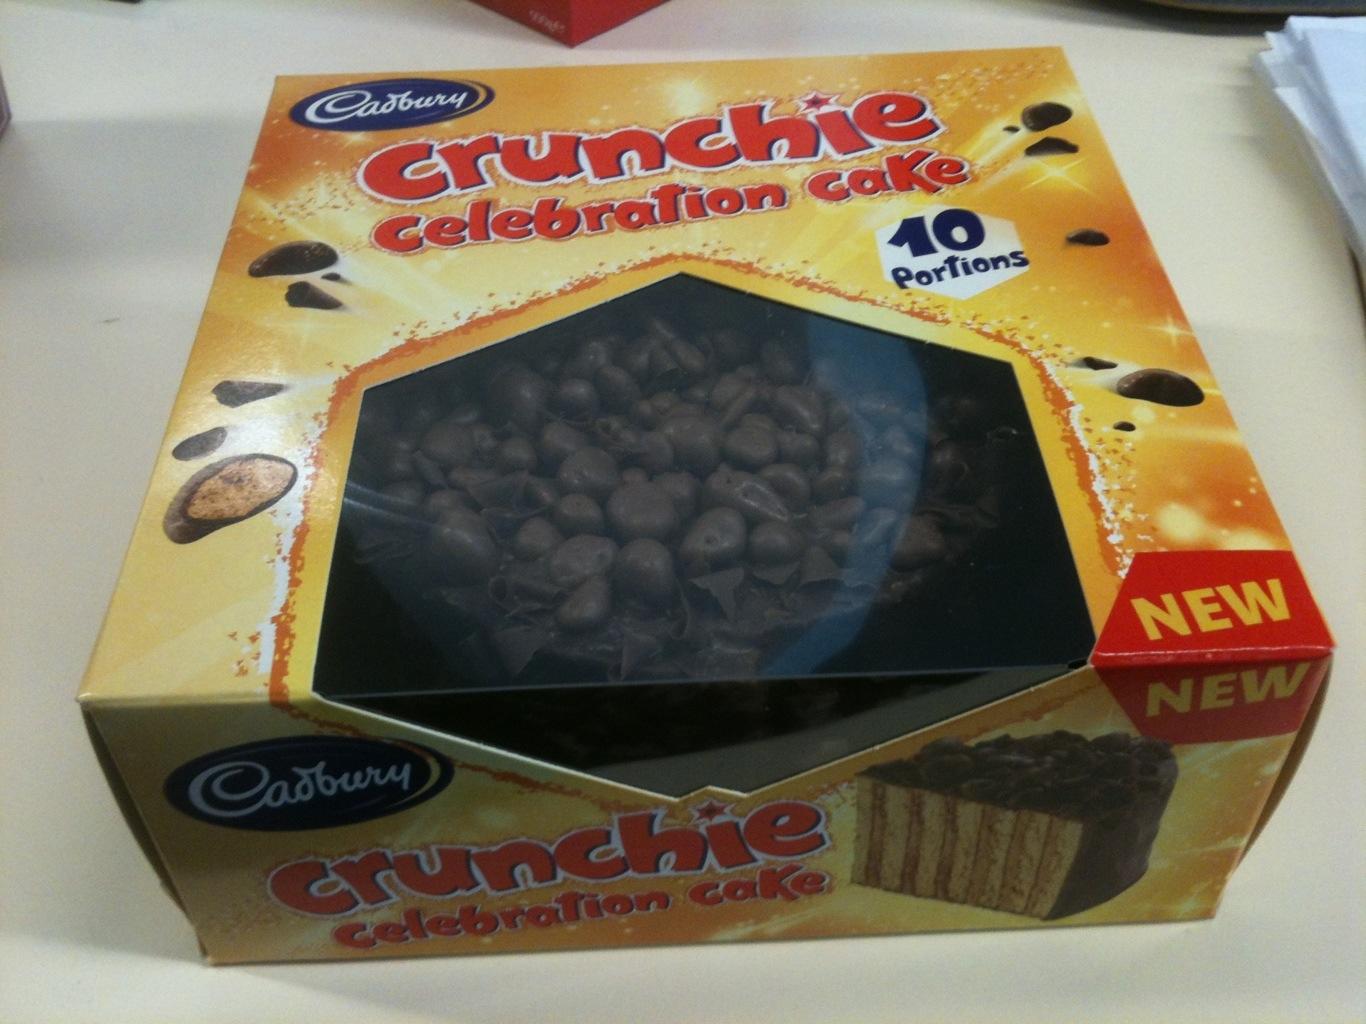 New Cadbury Crunchie cake - disappointing